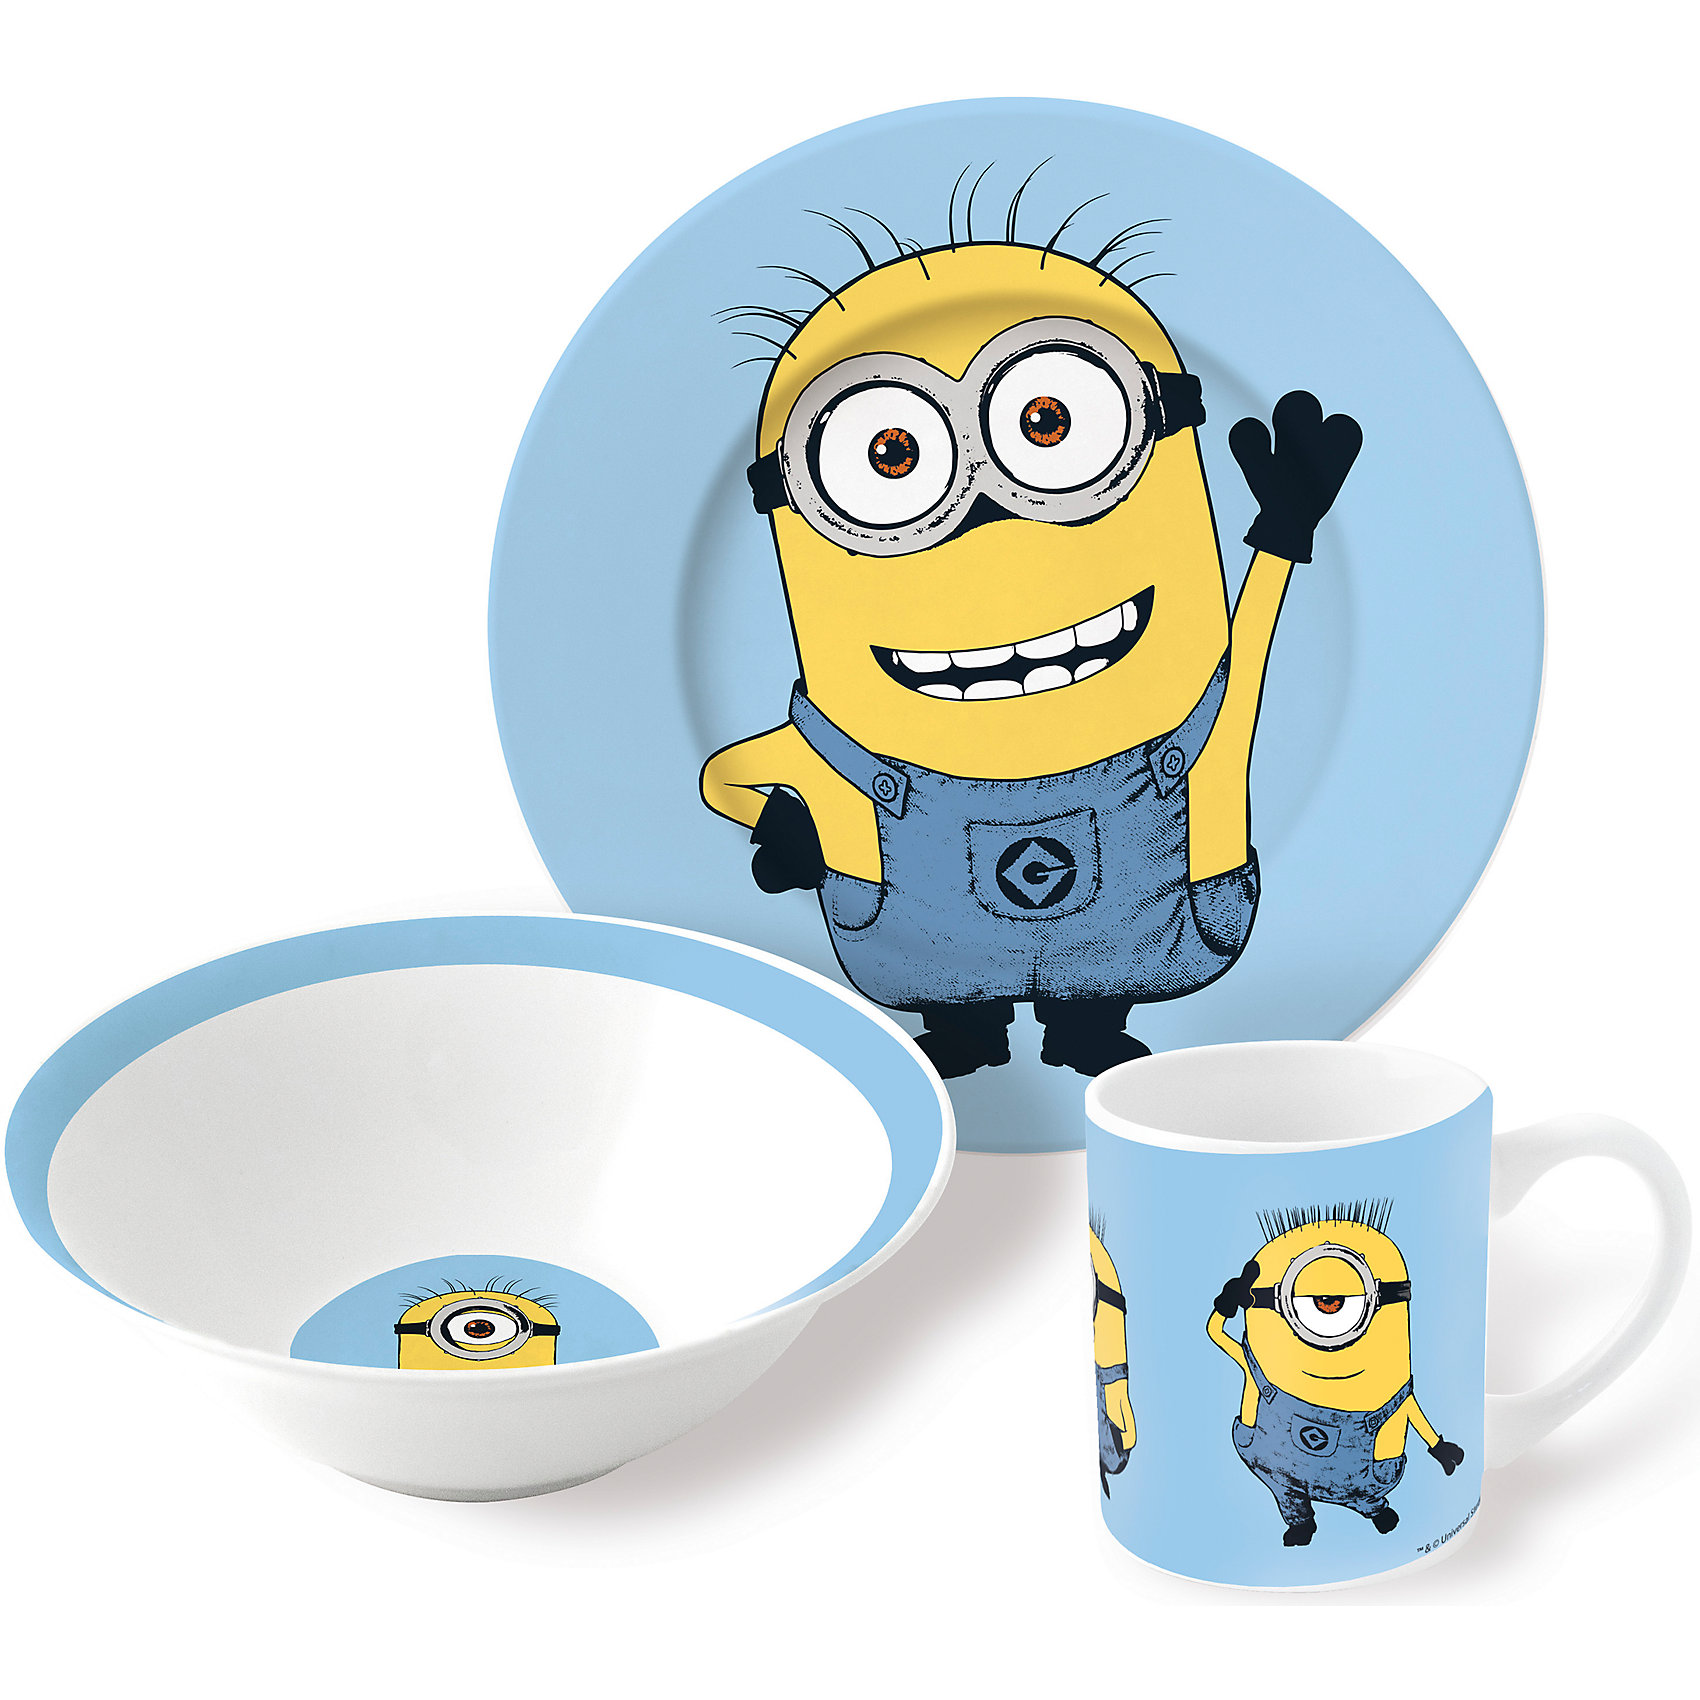 Набор посуды Миньоны (3 предмета, керамика)Набор посуды Миньоны (3 предмета, керамика) – эта яркая красочная посуда поднимет настроение вашему ребенку.<br>Набор красочной детской посуды Миньоны выполненный из качественной керамики, идеально подойдет для повседневного использования. В комплект входят: кружка с удобной ручкой, суповая тарелка, плоская тарелка для вторых блюд и десертов. Яркий набор выполнен в едином стиле, декорирован изображениями Миньонов, героев мультсериала «Гадкий Я». С такой посудой привычная еда станет более вкусной и приятной, а кормление малыша превратится в веселую и интересную игру.<br><br>Дополнительная информация:<br><br>- В наборе: кружка, суповая тарелка, тарелка<br>- Материал: керамика<br>- Диаметр плоской тарелки для вторых блюд и десертов: 19 см.<br>- Диаметр суповой тарелки: 15 см.<br>- Объем кружки: 250 мл.<br>- Упаковка: подарочная коробка<br>- Размер упаковки: 25 x 8,5 x 20 см.<br>- Вес: 973 гр.<br><br>Набор посуды Миньоны (3 предмета, керамика) можно купить в нашем интернет-магазине.<br><br>Ширина мм: 250<br>Глубина мм: 85<br>Высота мм: 200<br>Вес г: 973<br>Возраст от месяцев: 36<br>Возраст до месяцев: 144<br>Пол: Унисекс<br>Возраст: Детский<br>SKU: 4606785